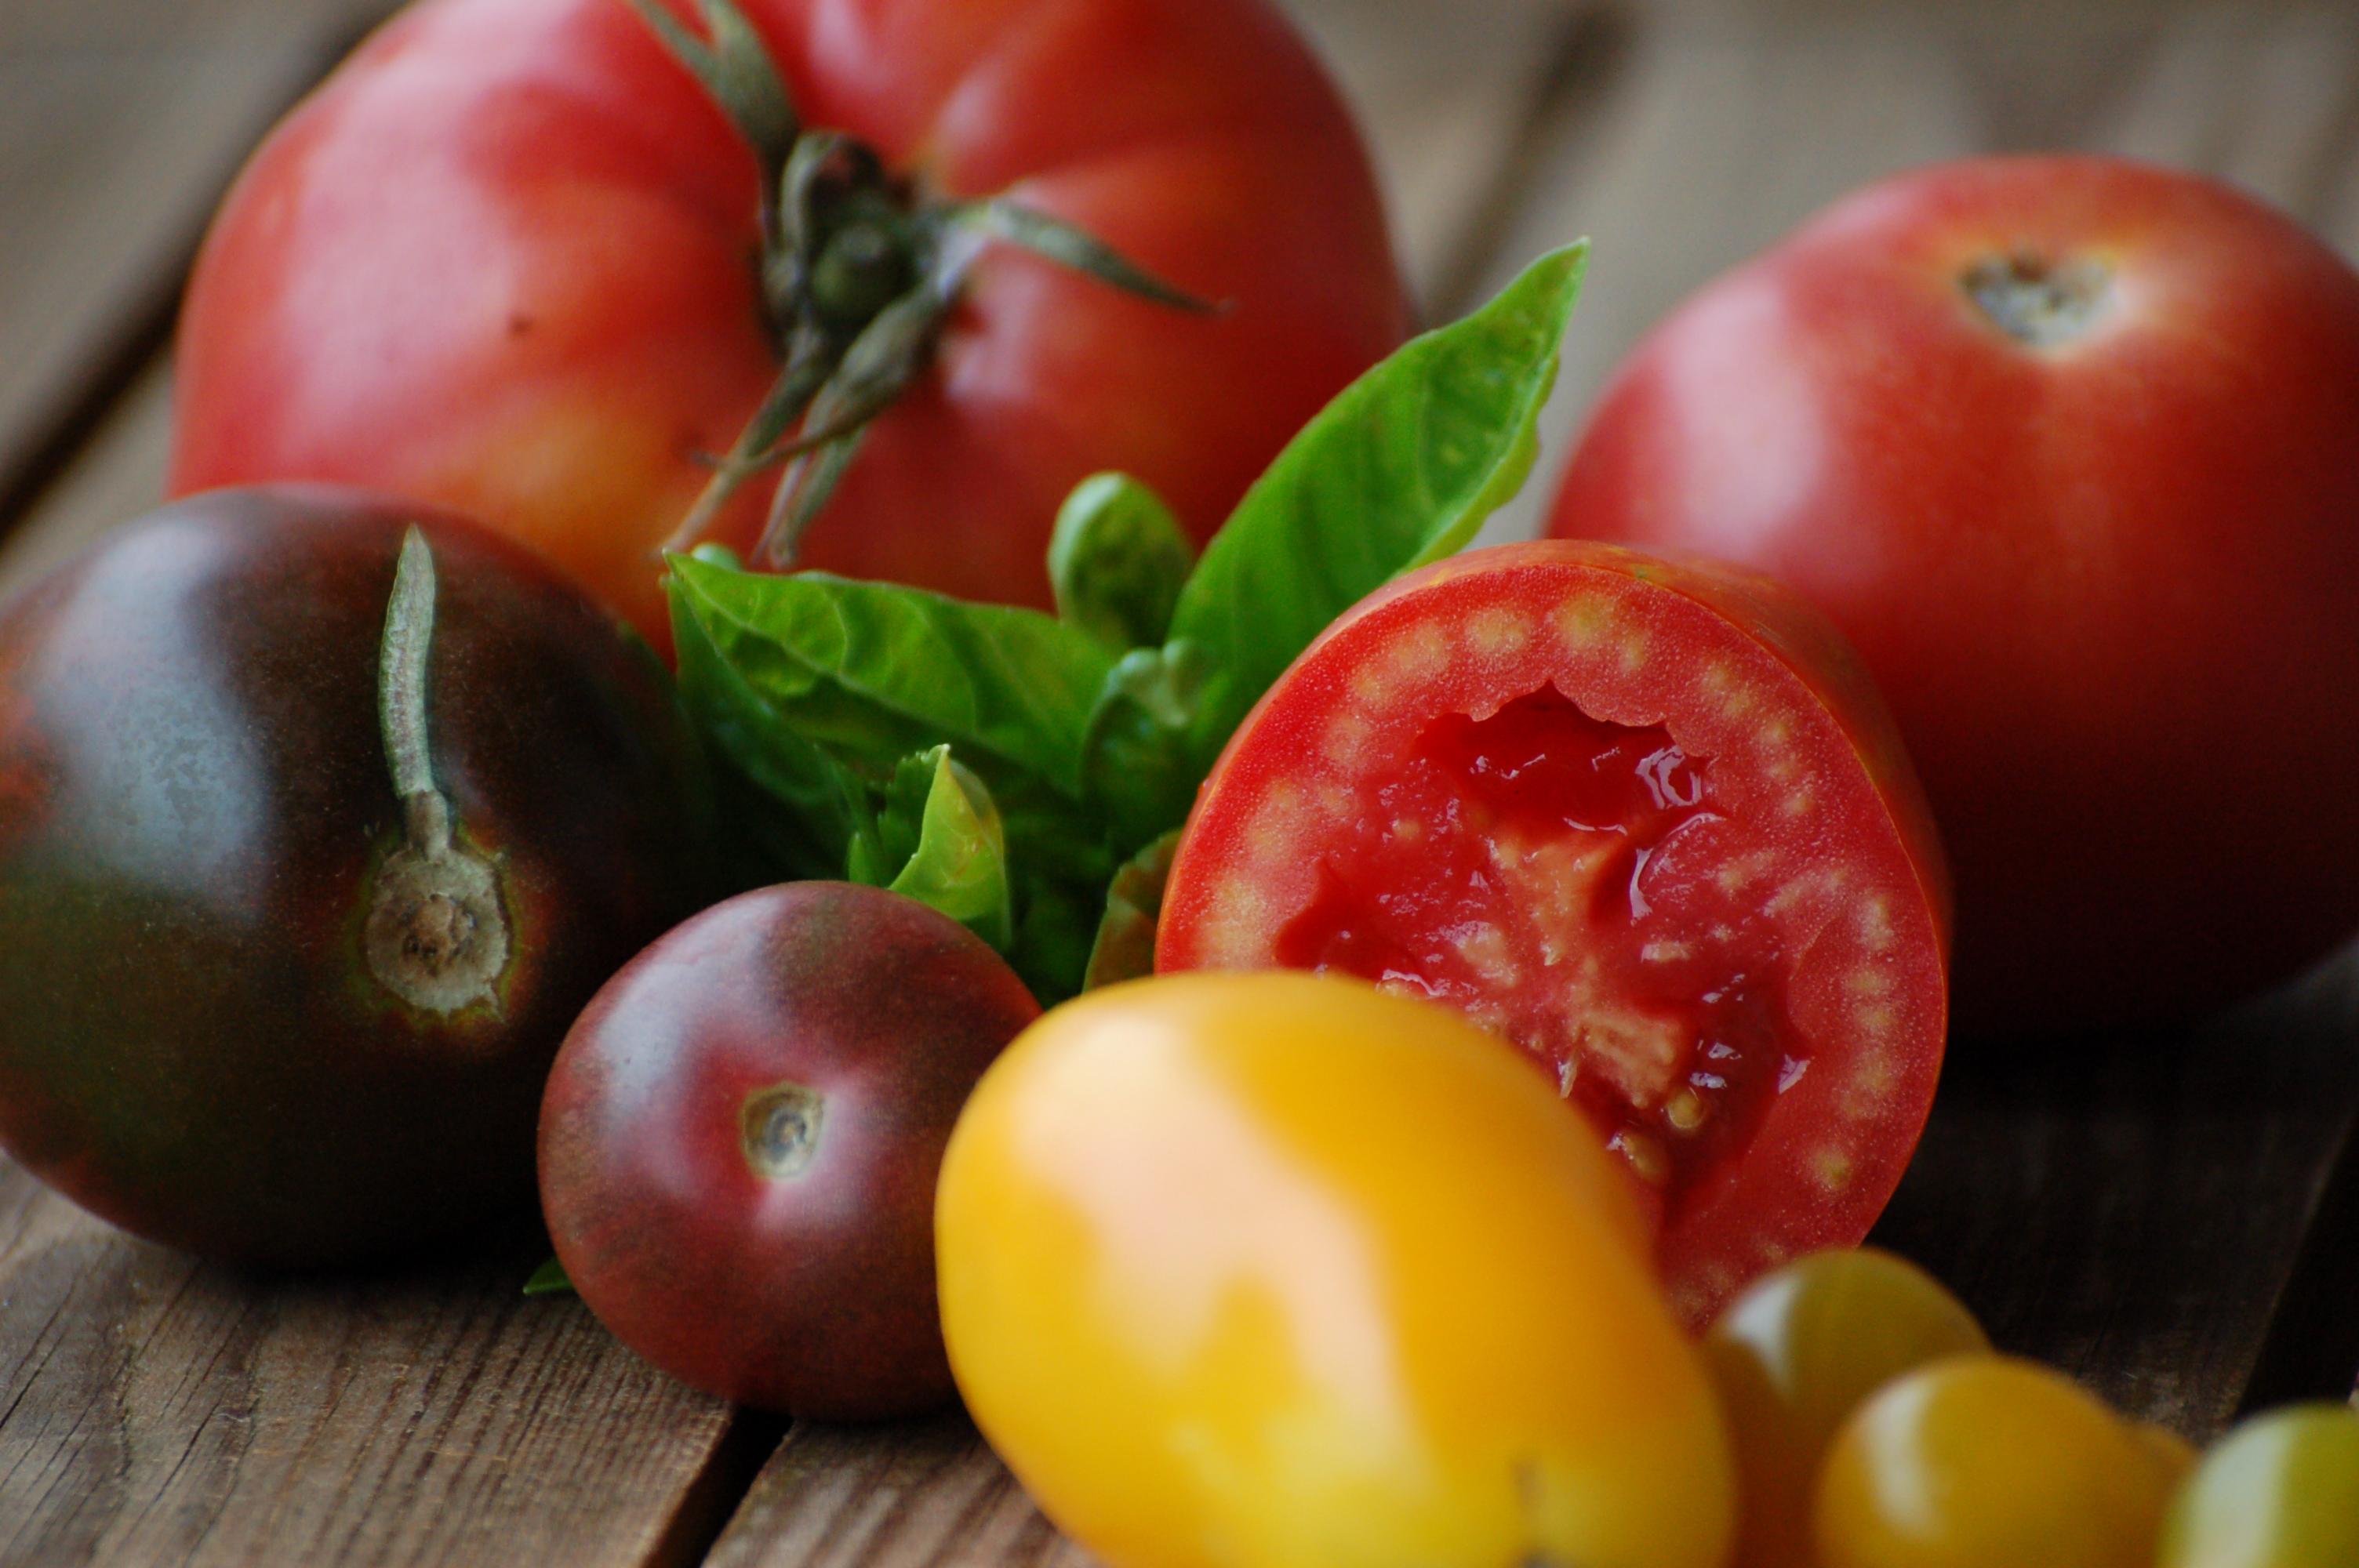 TomatenStilleben (8)